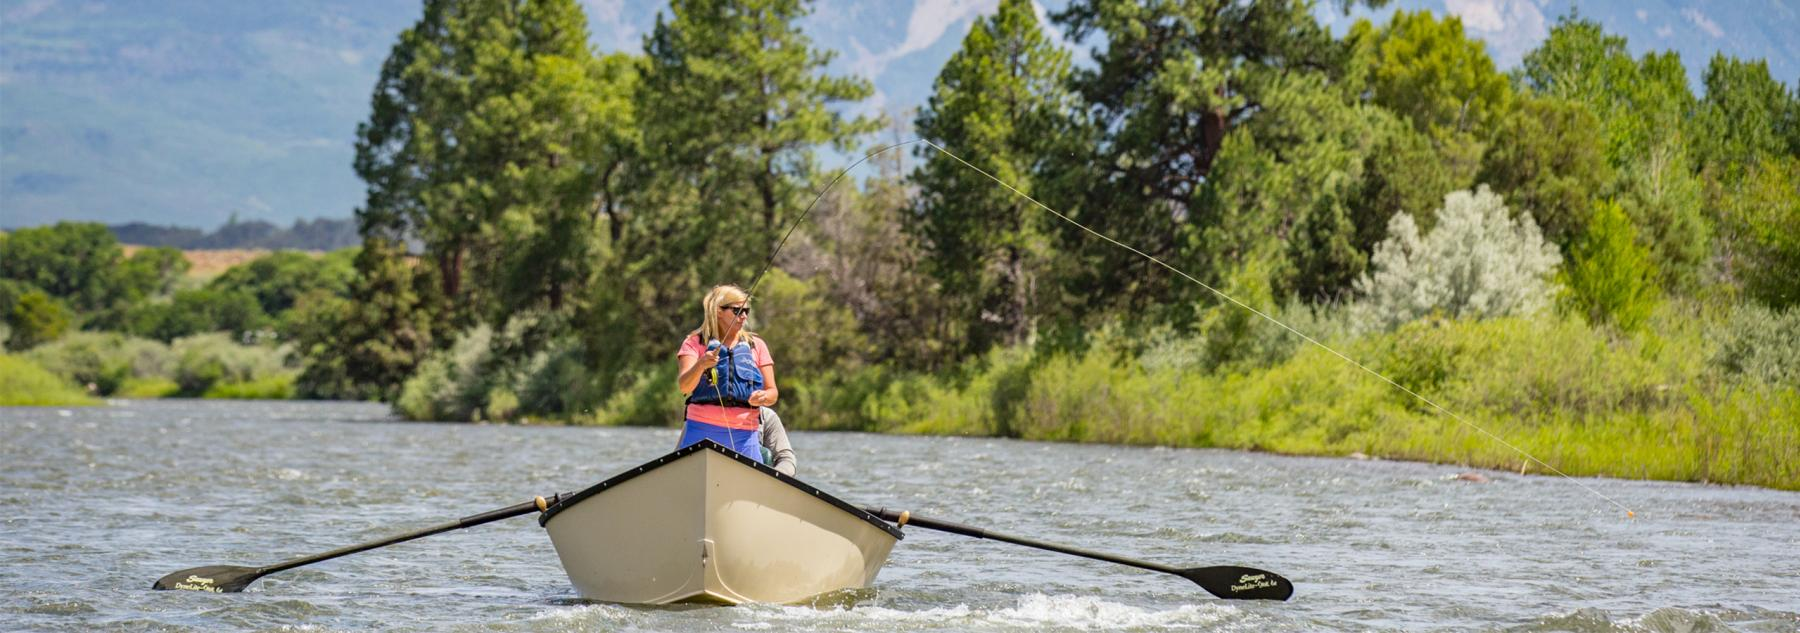 Fly-Fishing in Aspen